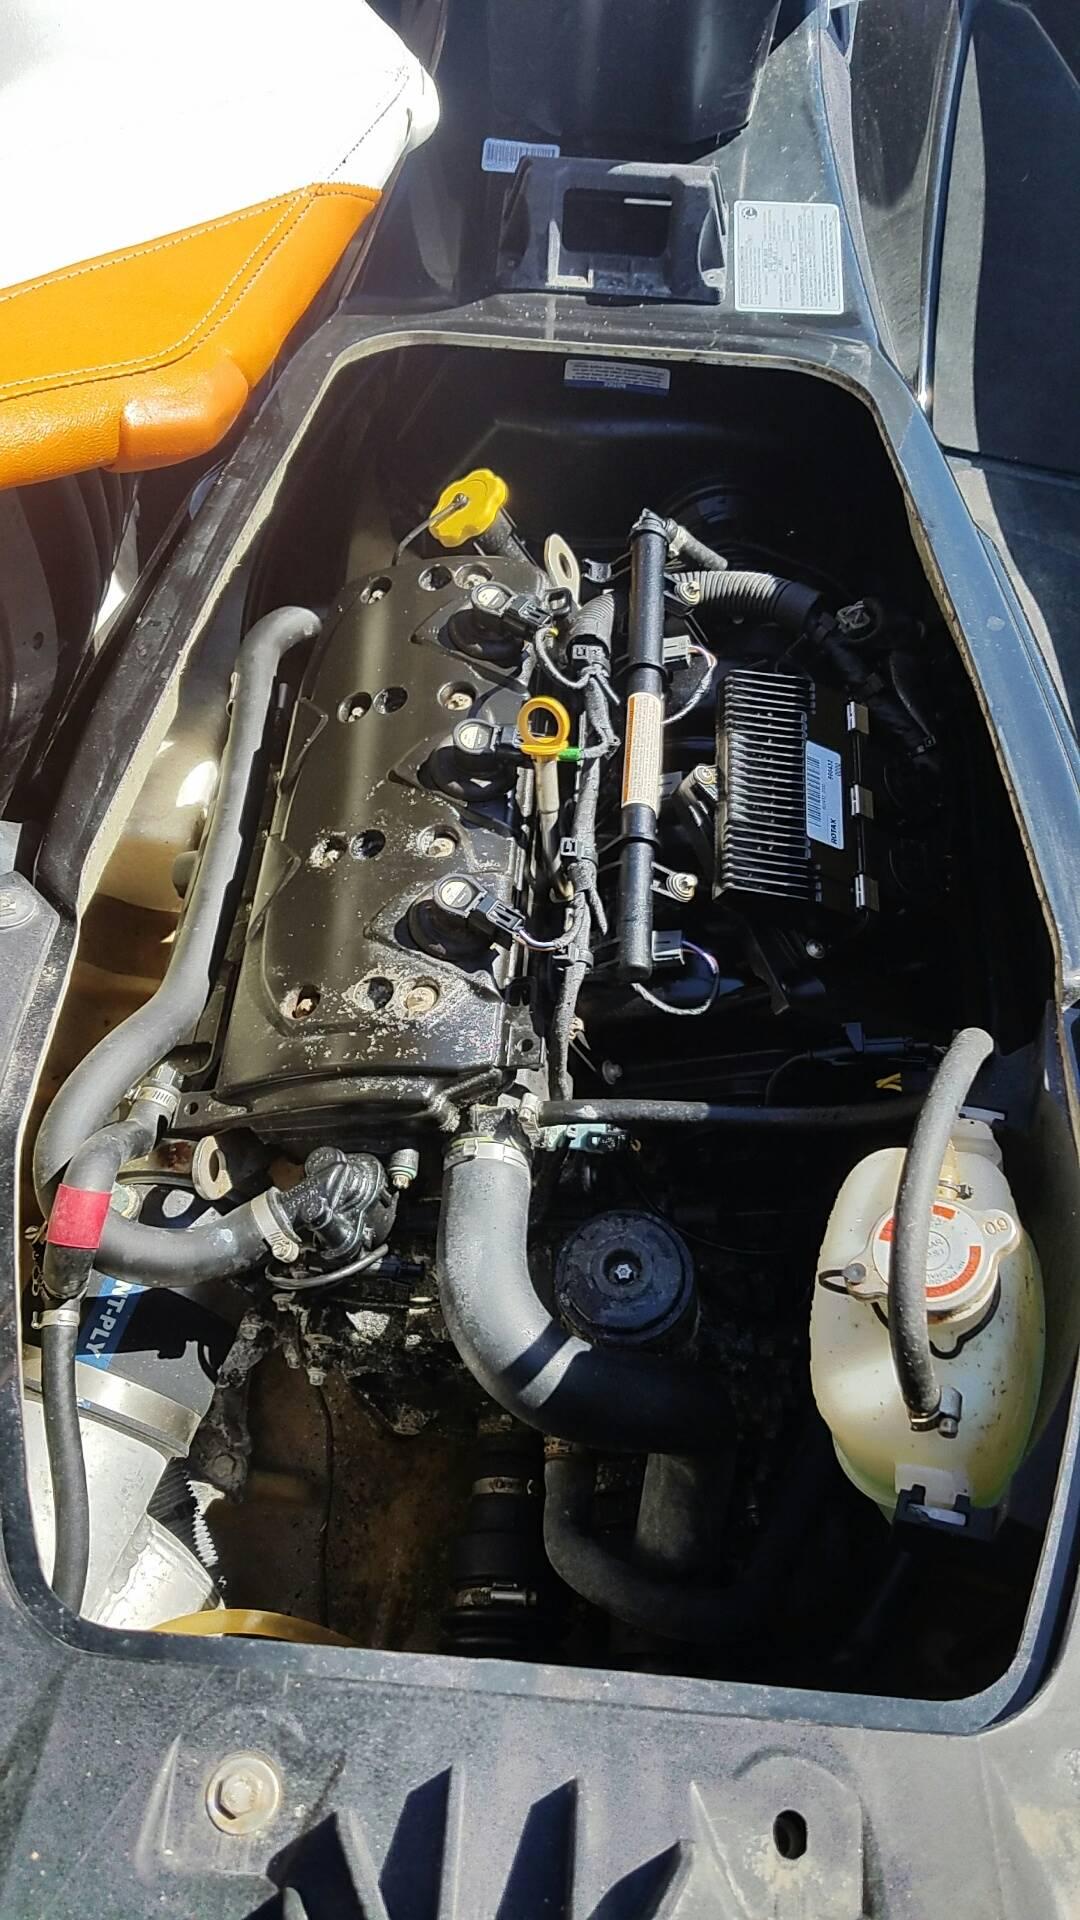 2011 Sea-Doo GTI SE 155 in Texas City, Texas